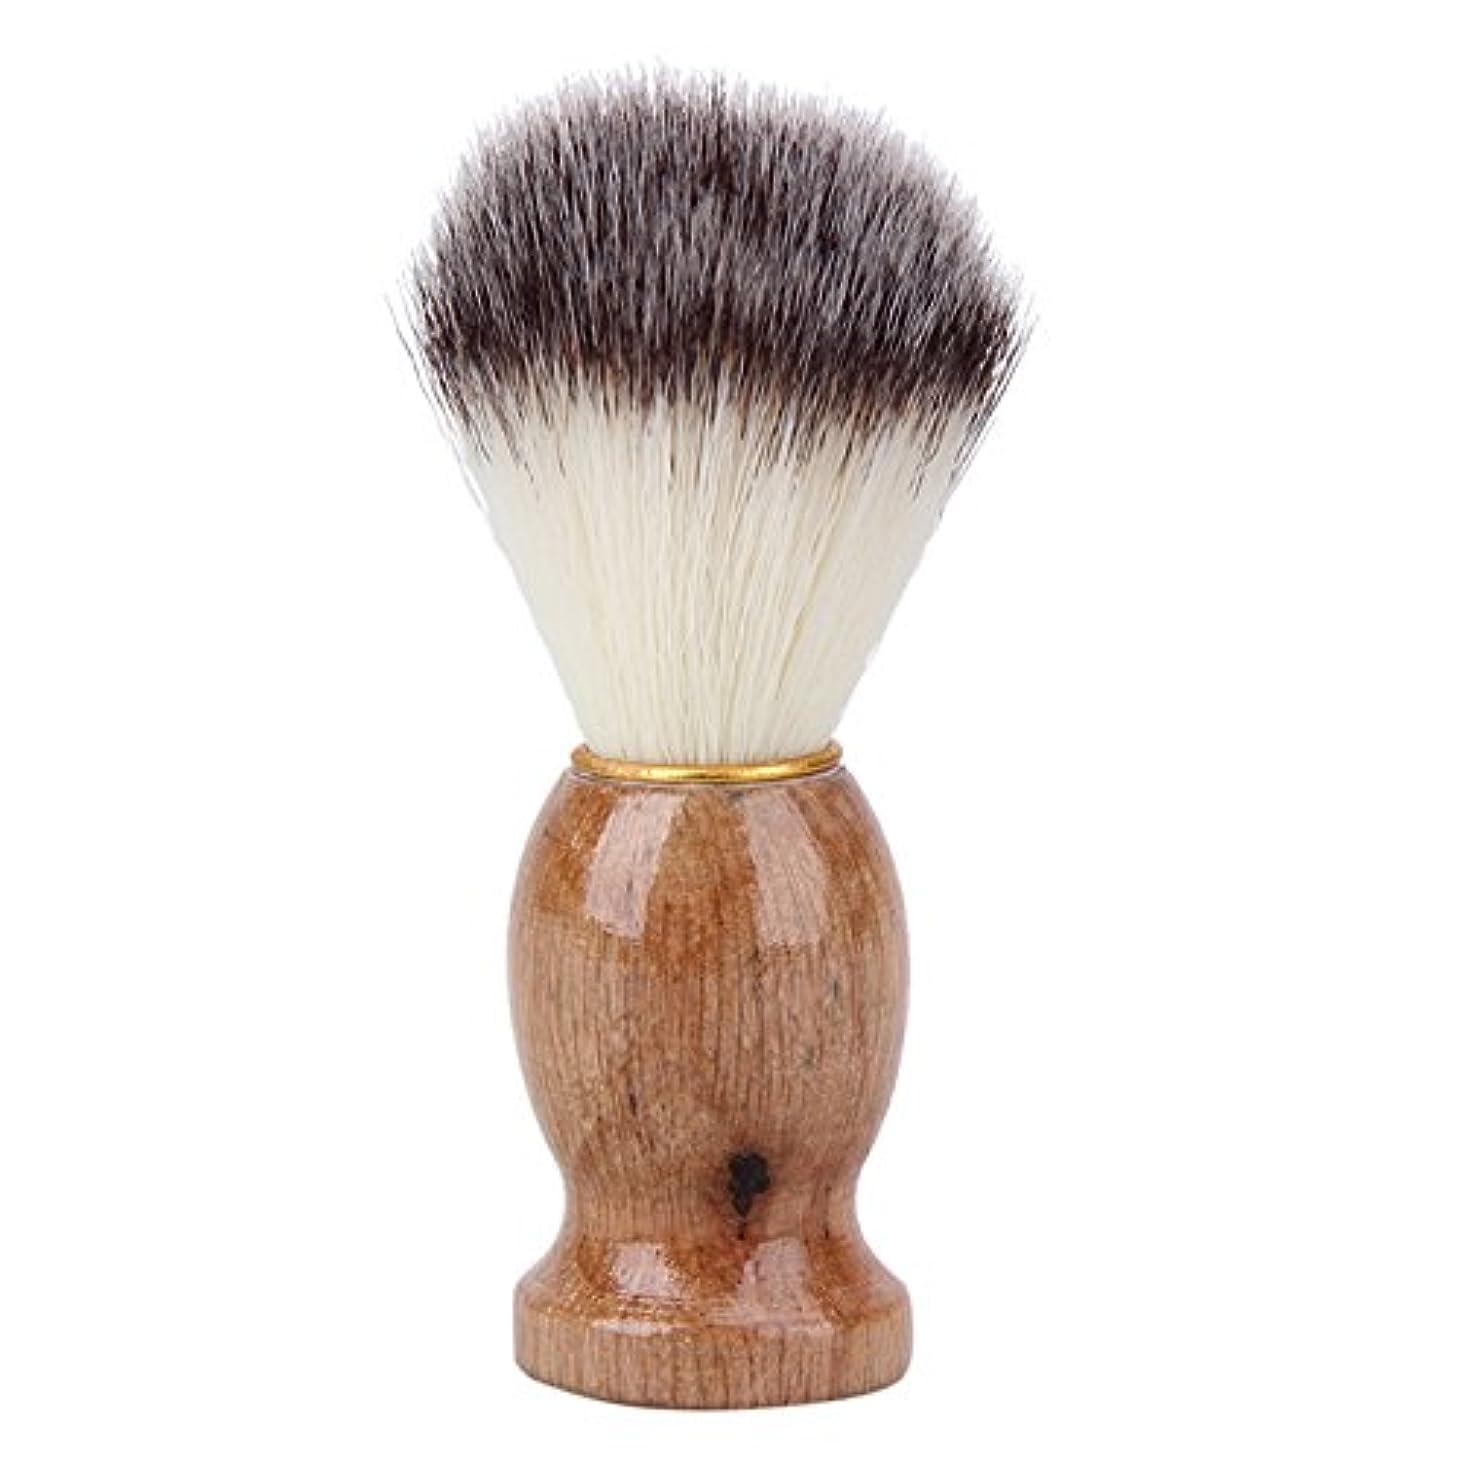 ライブガラス飢wangten メンズ用 髭剃り ブラシ シェービング ブラシ アナグマ毛 木製ハンドル 泡立ち 理容 洗顔 髭剃り